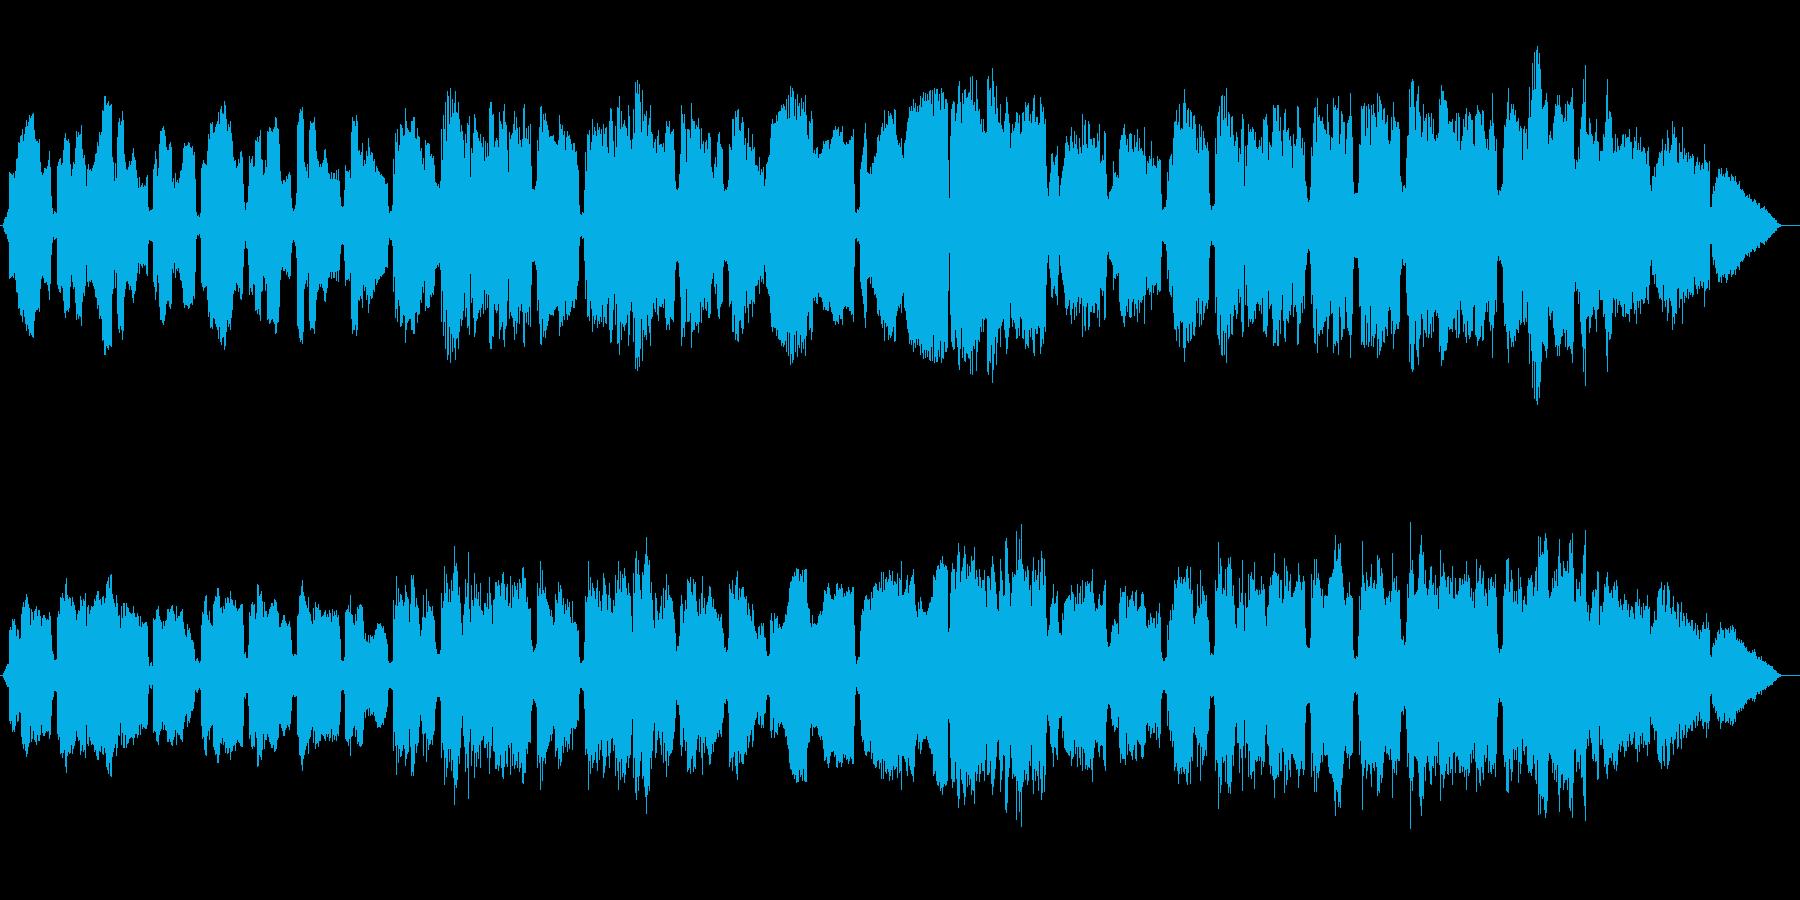 心温まるゆったりしたほのぼの、癒しの曲の再生済みの波形